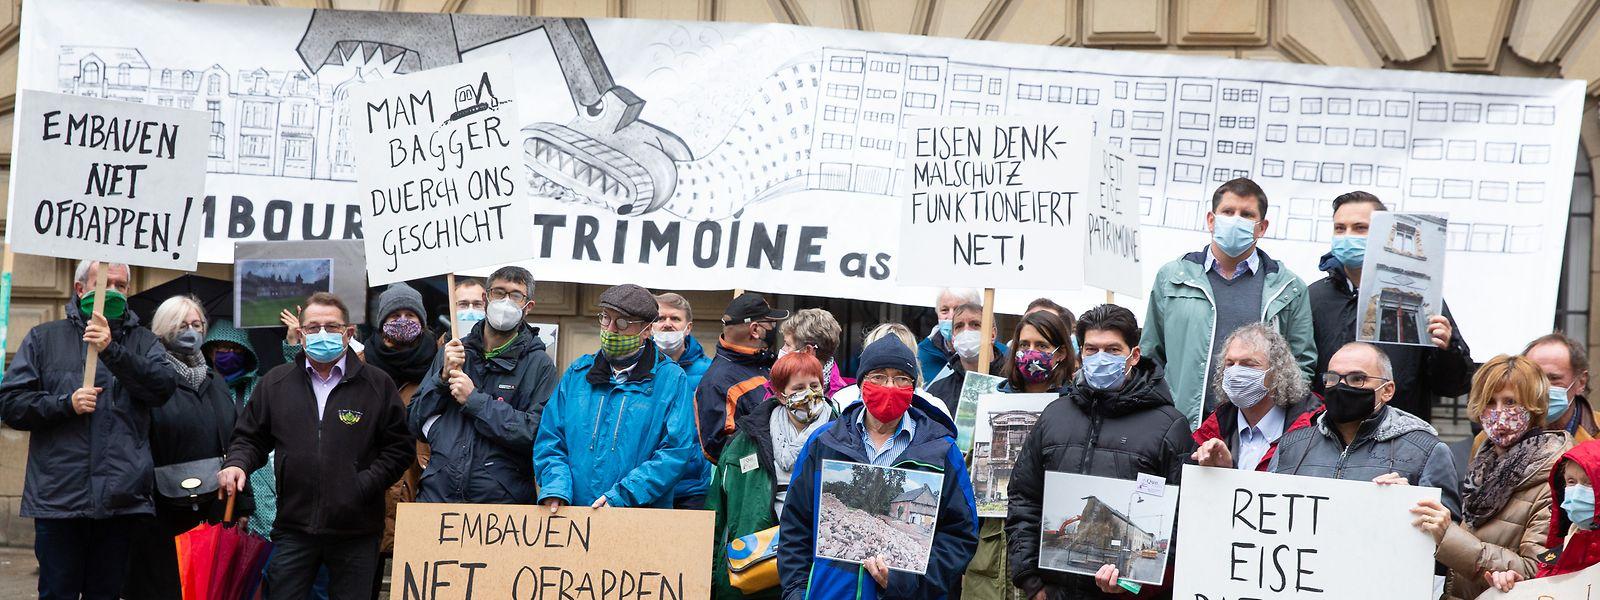 """Die Protestaktion fand im Zuge der """"European Heritage Days 2020"""" statt."""